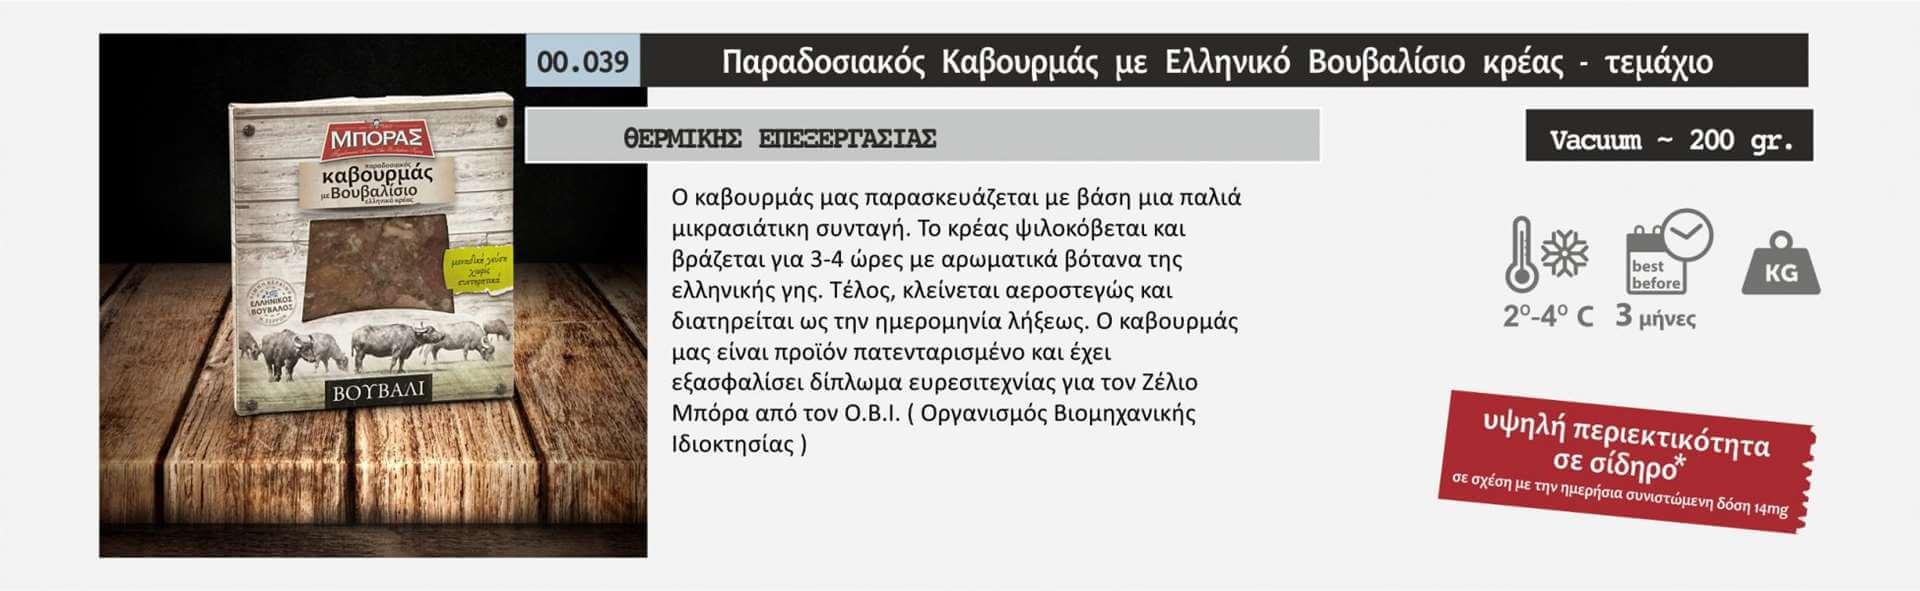 Βουβαλίσια αλλαντικά, Βουβαλίσιος καβουρμάς, βουβαλίσιος καβουρμάς, Καπνιστή Βουβαλίσια Μπριζόλα, βουβαλίσια μπριζόλα, Βουβαλίσιο Μπούτι, Καπνιστό Βουβαλίσιο Σαλάμι, βουβαλίσιο σαλάμι, Λουκάνικα με ελληνικό Βουβαλίσιο κρέαςΚερκίνης, Καπνιστά Βουβαλίσια Λουκάνικα, βουβαλίσια λουκάνικα, Πικάντικα Βουβαλίσια Λουκάνικα, πικάντικα βουβαλίσια λουκάνικα, Ριγανάτα Βουβαλίσια Λουκάνικα,